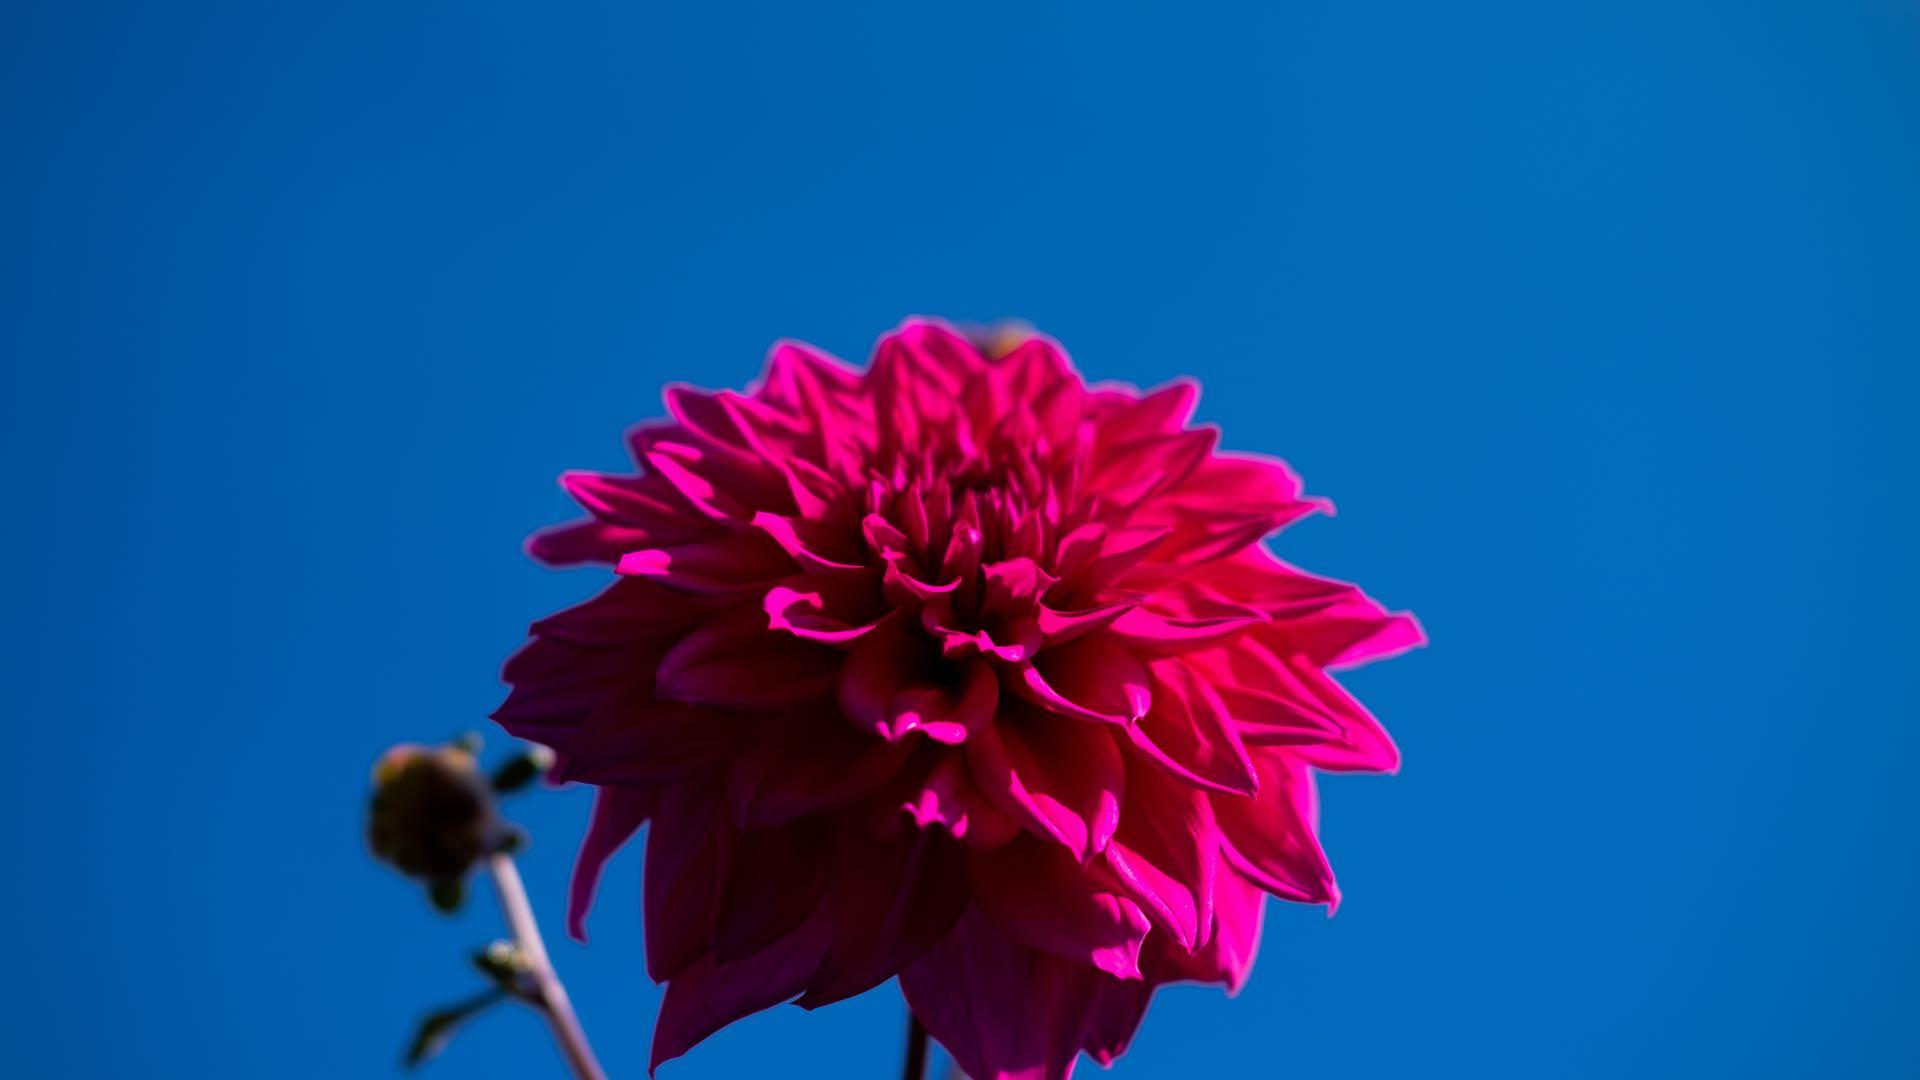 Pink n Blue 1920x1080